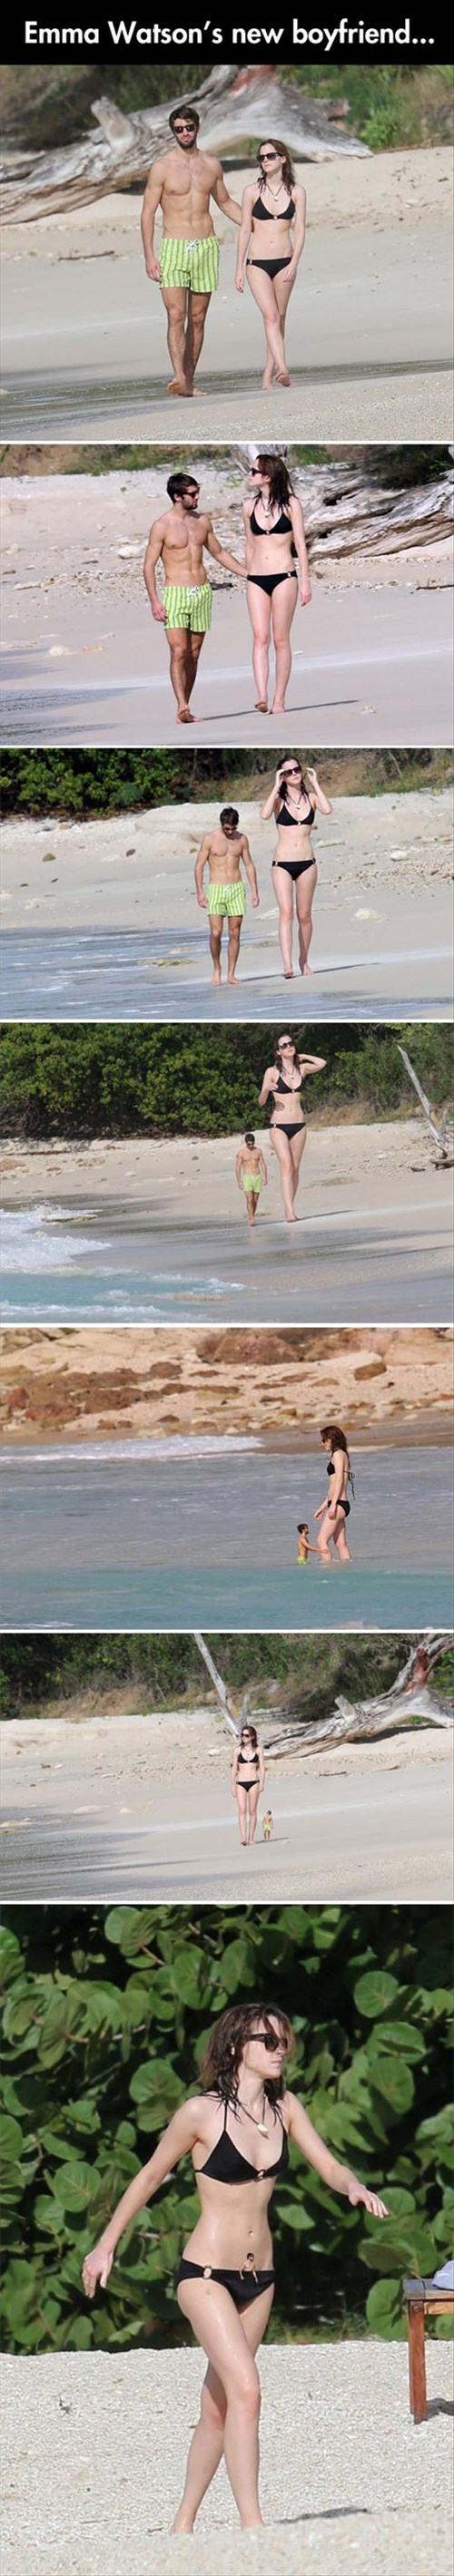 beach,boyfriend,emma watson,photoshop,matthew hanney